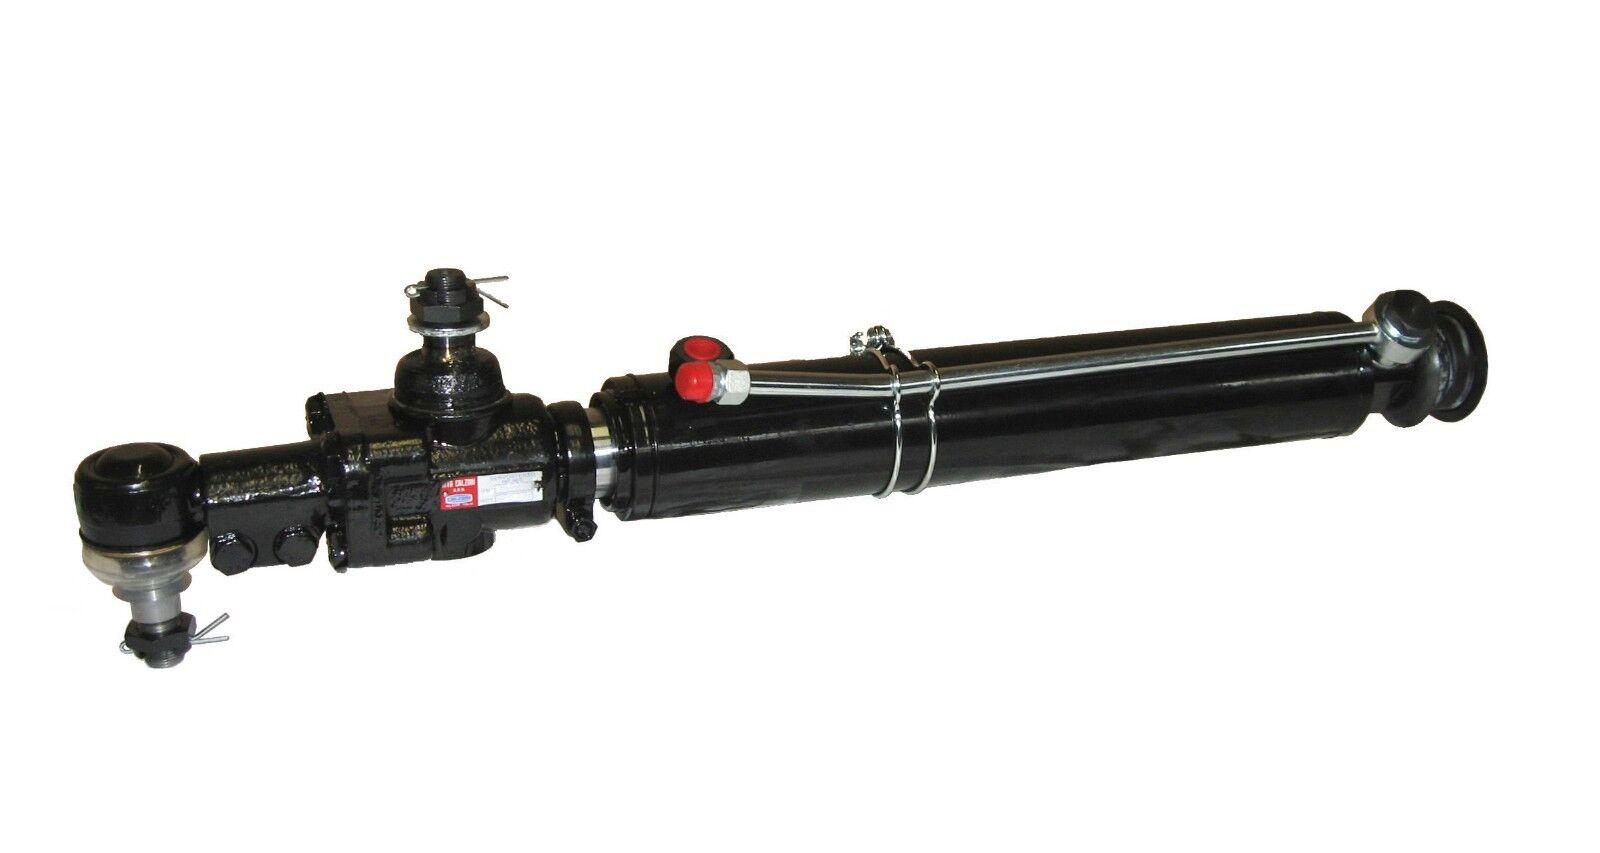 Calzoni lenkzylinder Magirus 90 m, MAGIRUS 130 130 130 m calzoni MAGIRUS DEUTZ 74064d